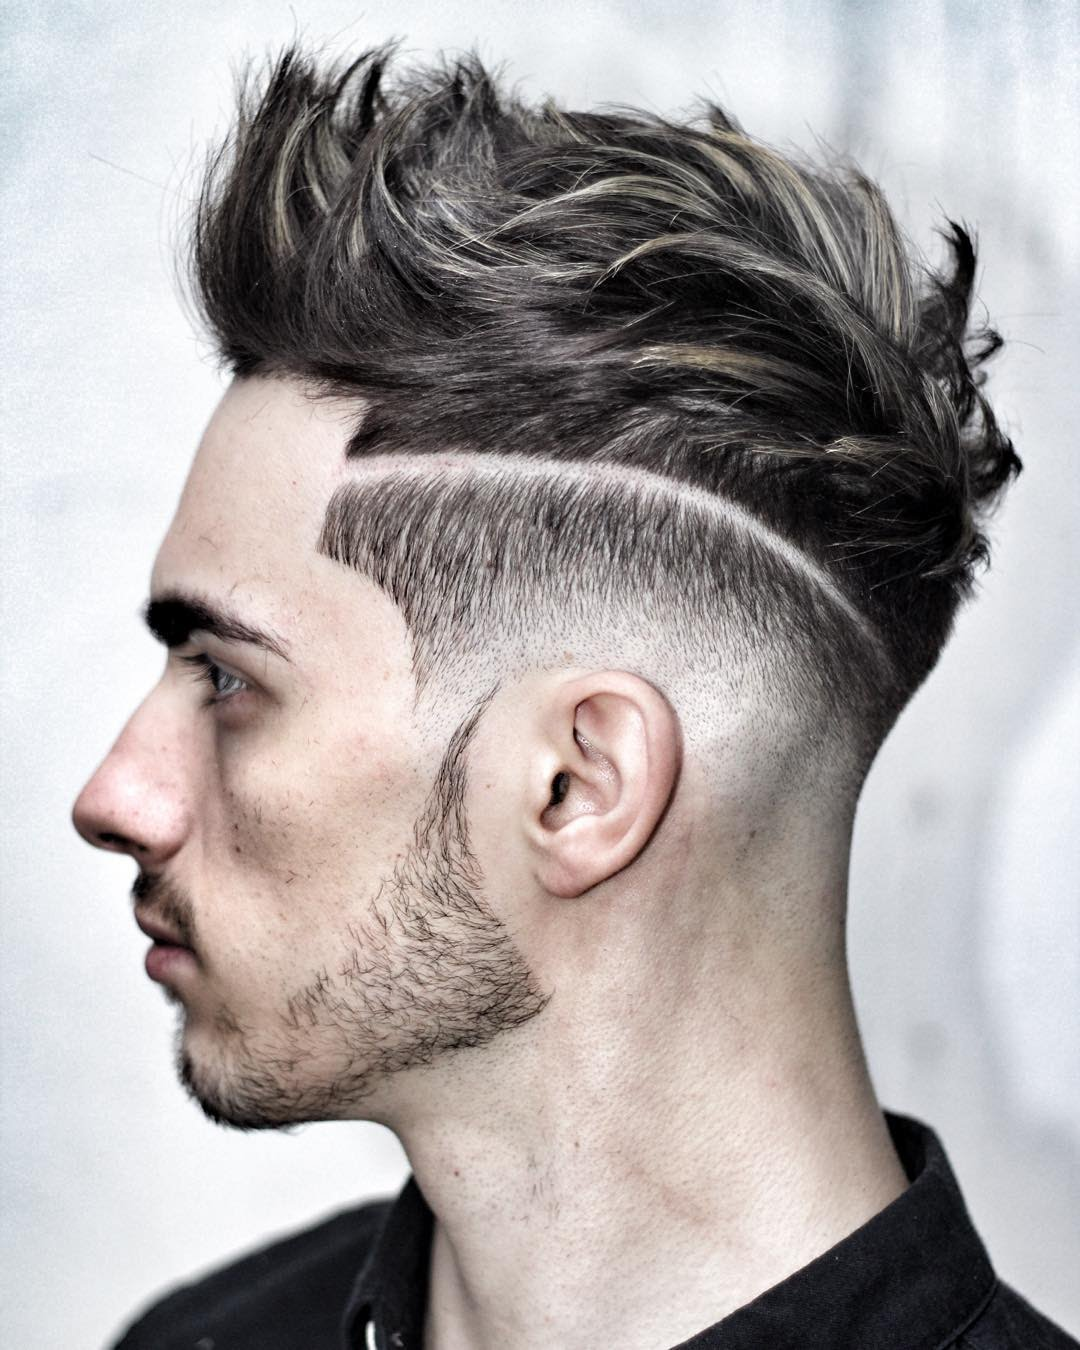 صور احدث قصات الشعر للرجال , اجعل شعرك اكثر تالق